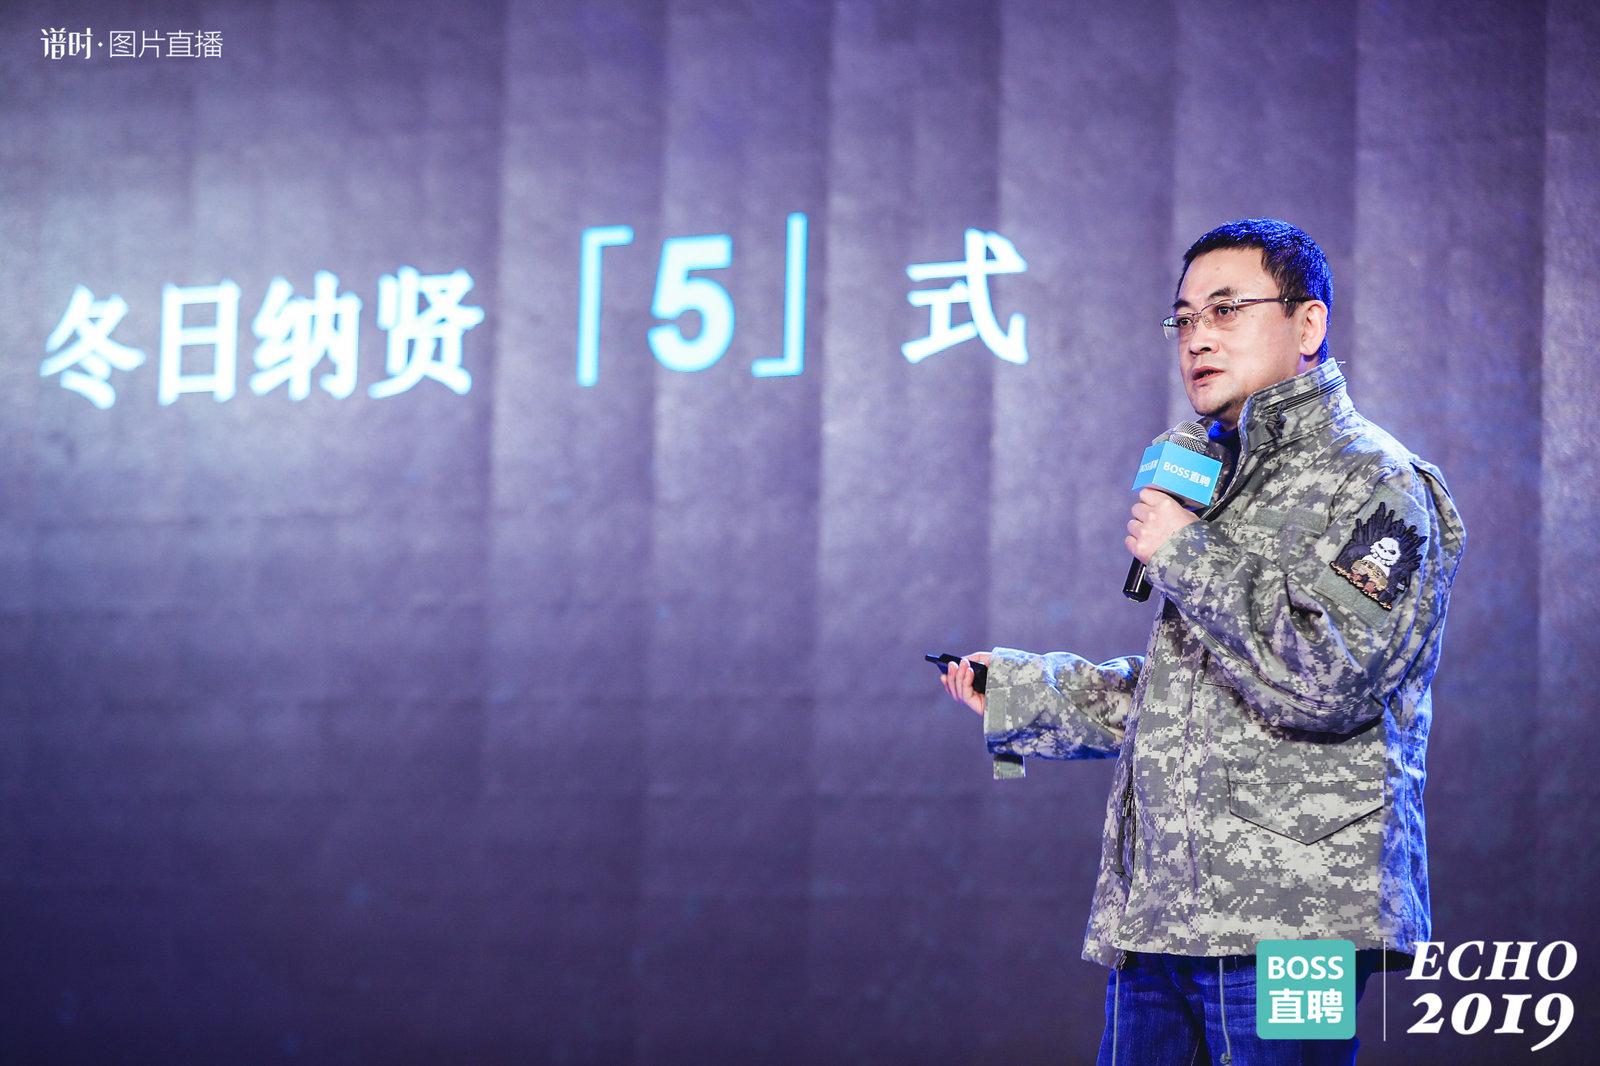 """BOSS直聘赵鹏:中小彩票送彩金的平台应趁""""寒冬""""网罗人才"""